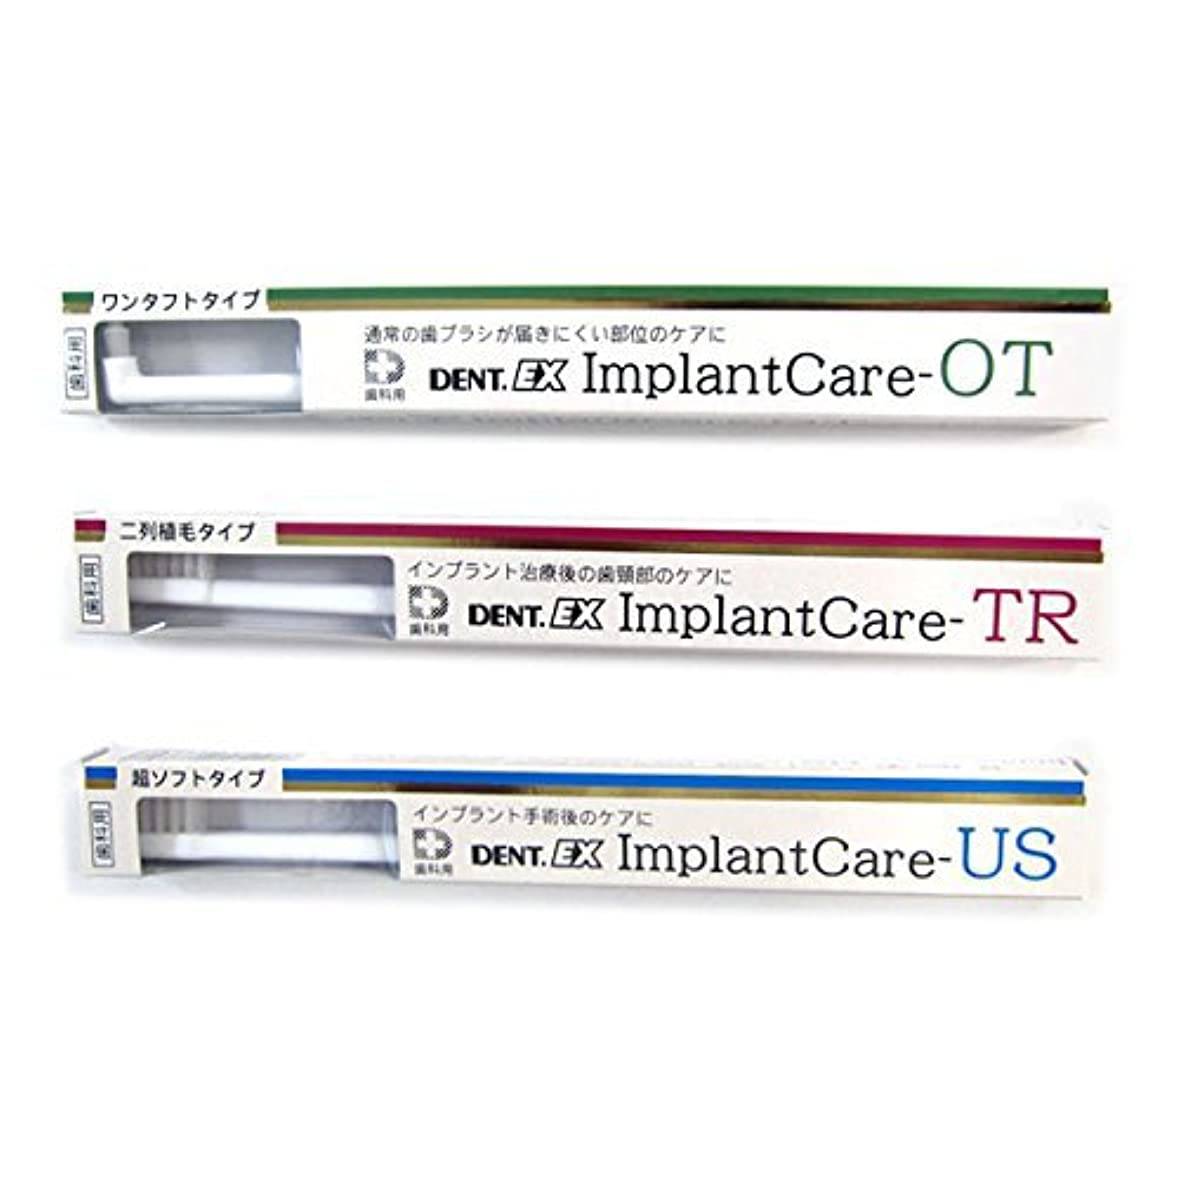 ポップ苦しむ静けさデント DENT EX ImplantCare インプラントケア 単品 OT(ワンタフト)